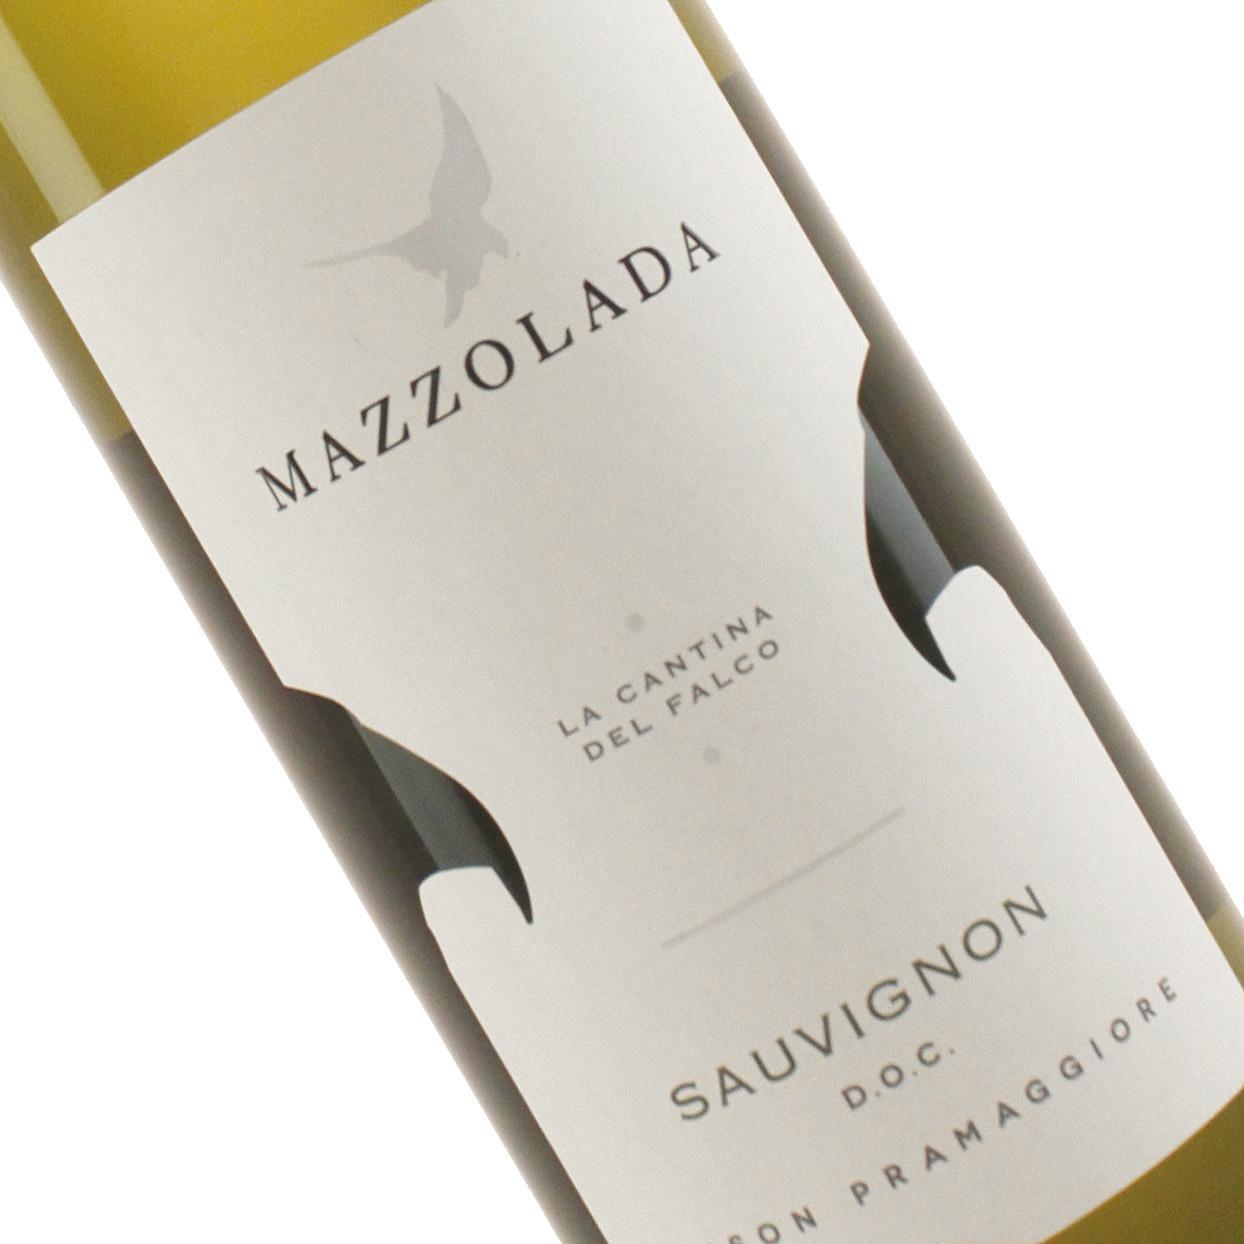 Mazzolada 2017 Sauvignon Blanc Lison Pramaggiore, Veneto Italy